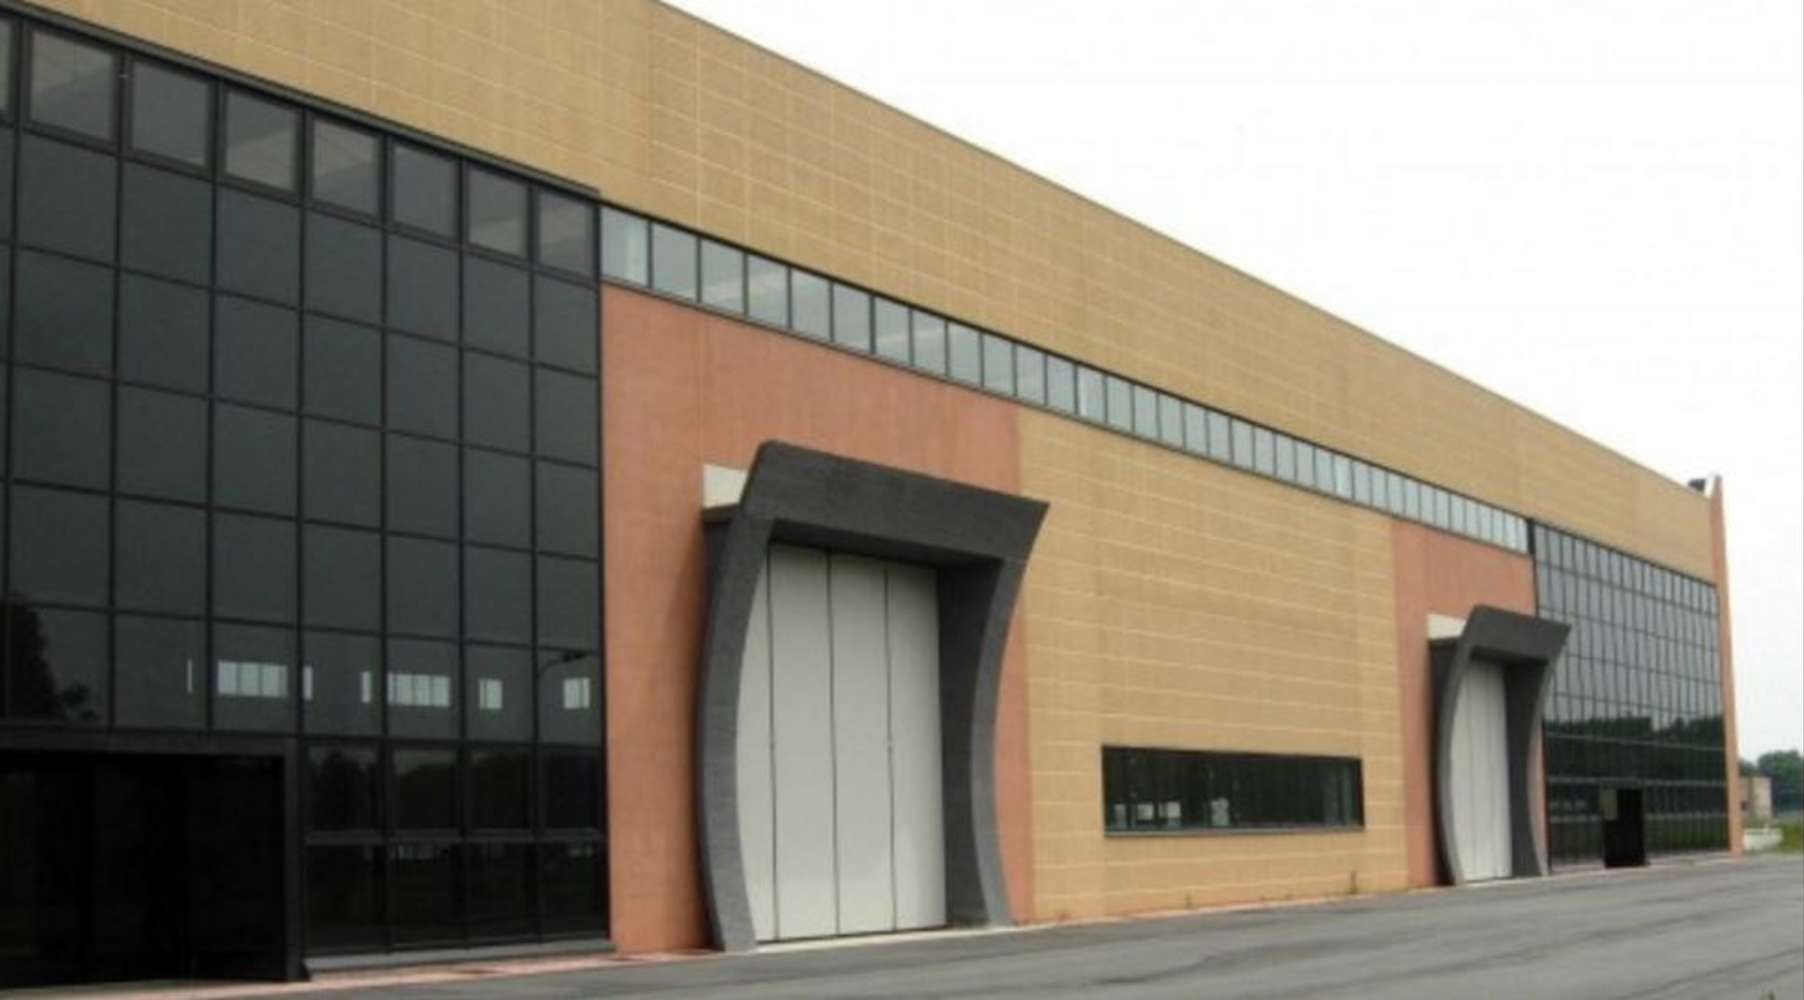 Magazzini industriali e logistici Lonate pozzolo, 21015 - Lonate Pozzolo Warehouse - 8904209